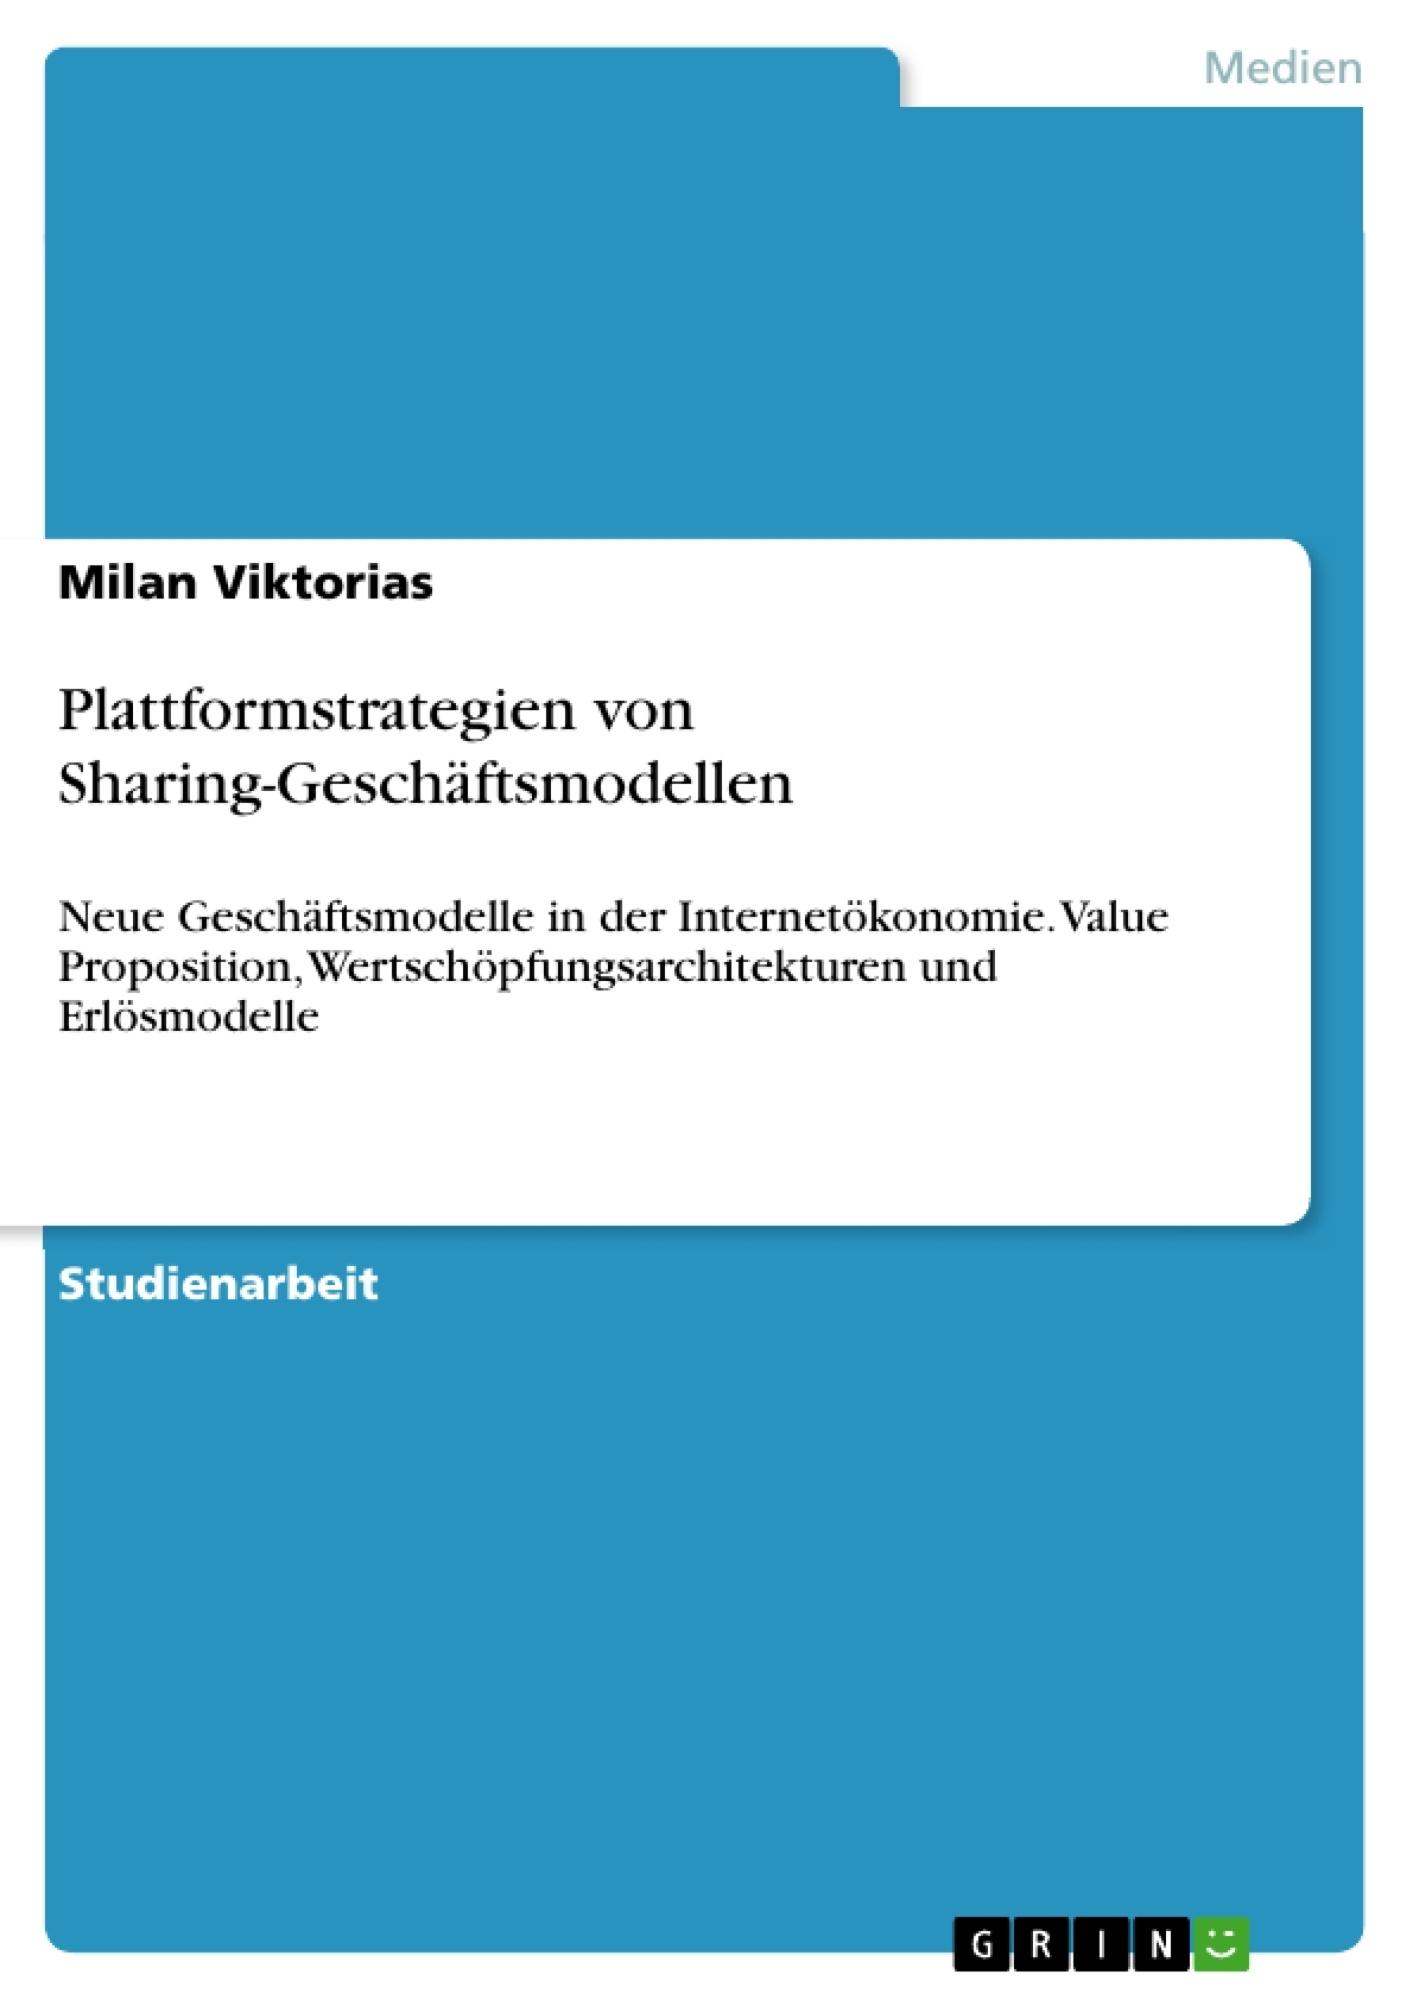 Titel: Plattformstrategien von Sharing-Geschäftsmodellen